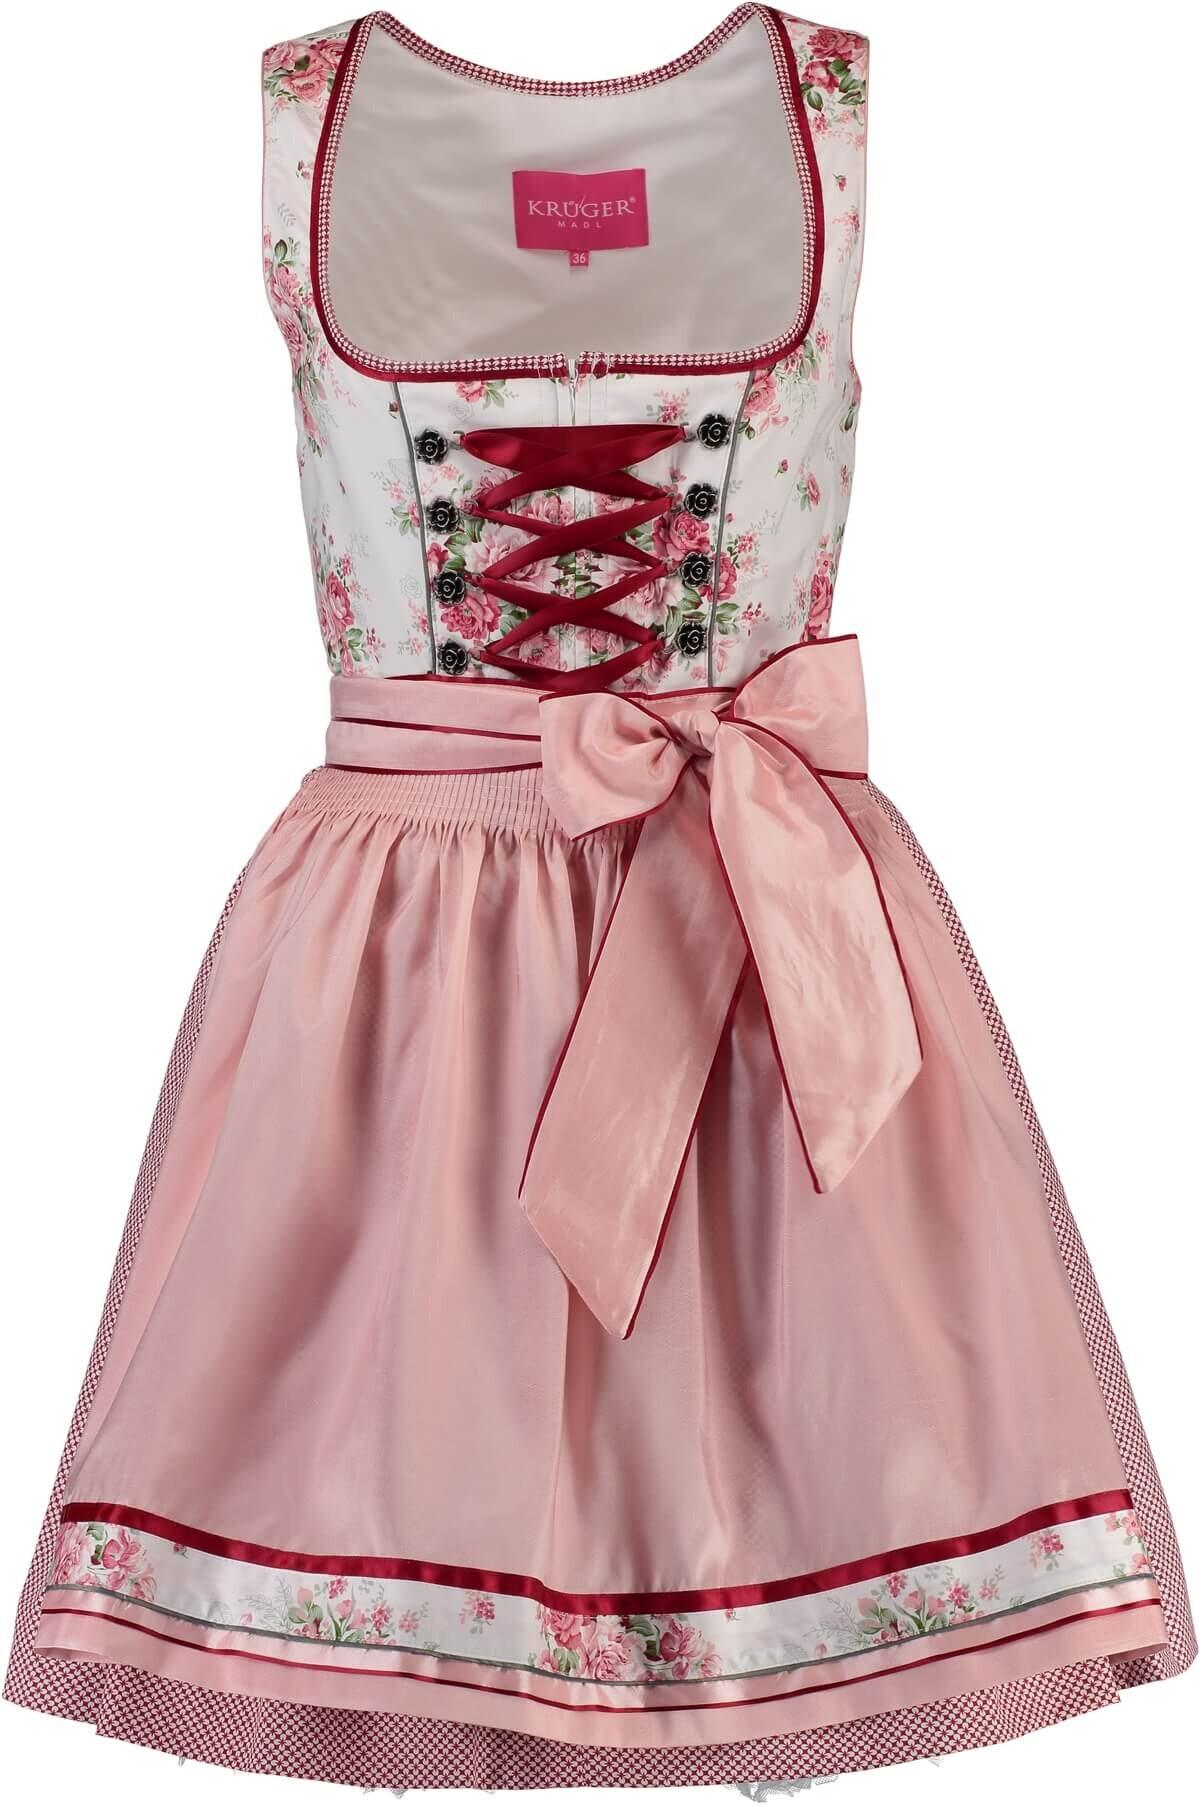 94624f9ab711e1 KRÜGER MADL Dirndl Michelle natur mit floralem Muster - Krüger Kleidung